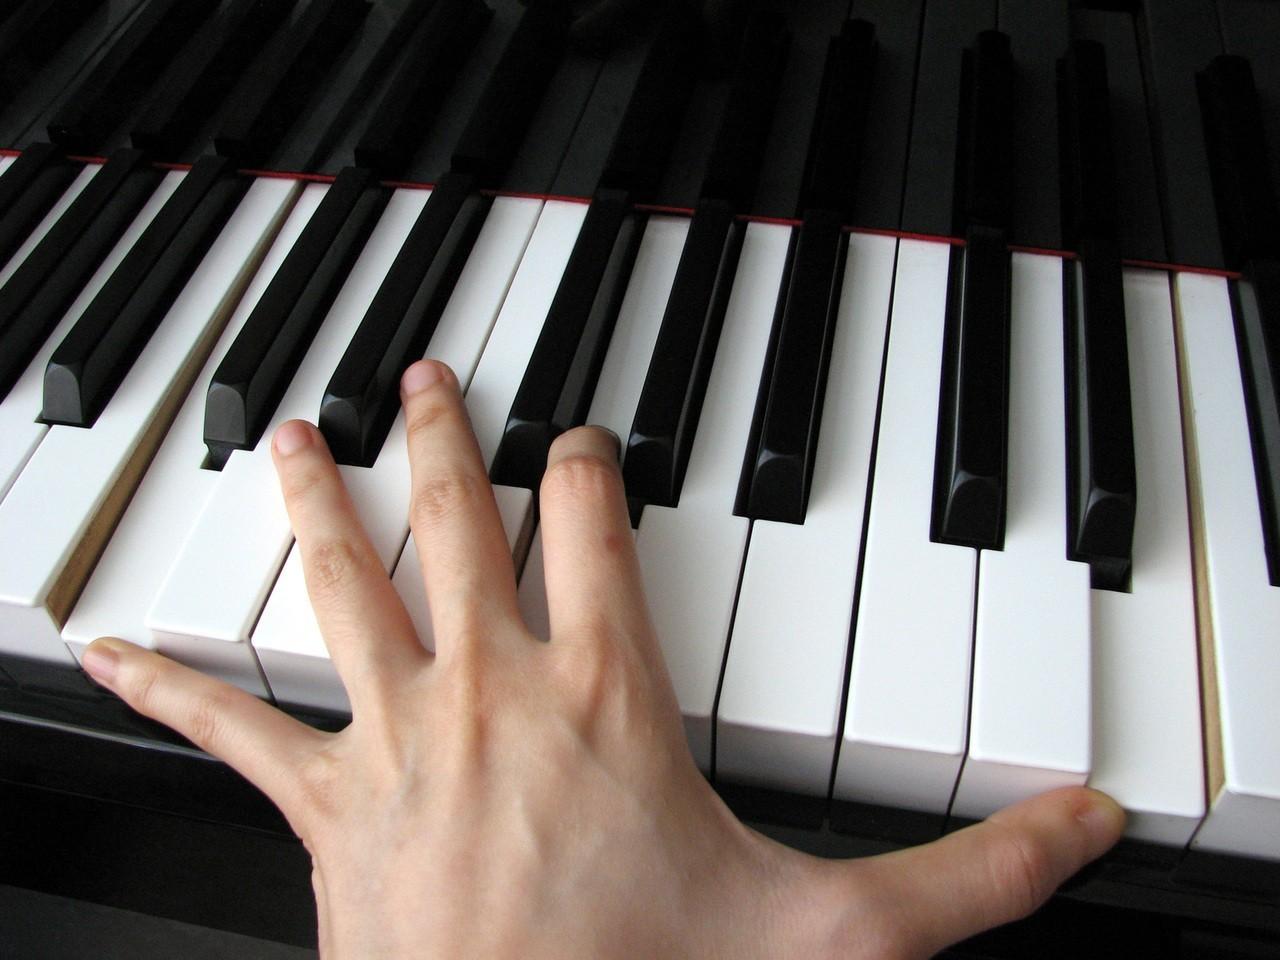 Oprogramowanie do nagrywania muzyki, które z nich warto wybrać?